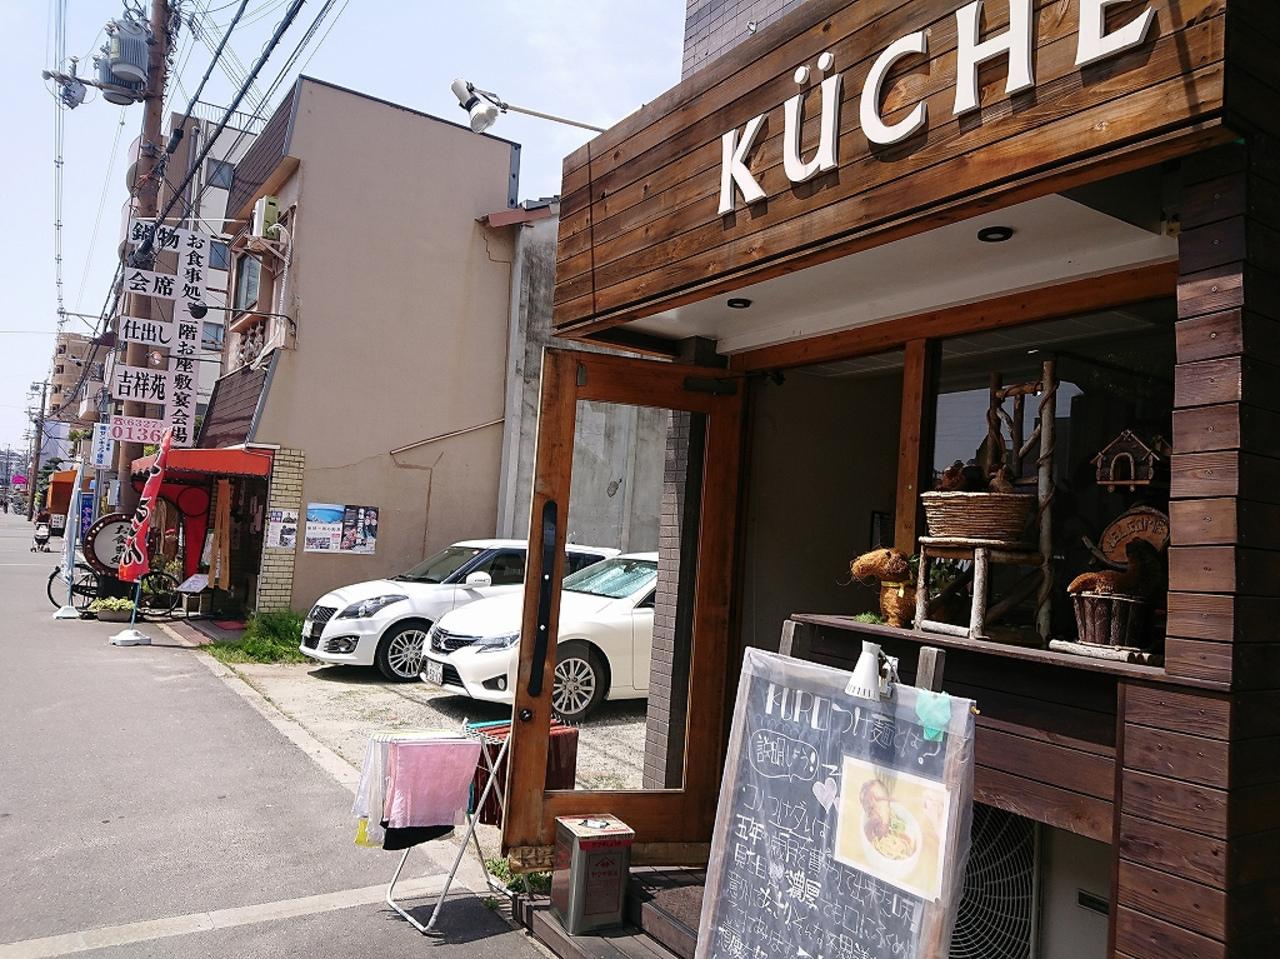 東淀川区瑞光1丁目のNYラーメンコンテスト3位『KUCHE』に行ってきました。。。